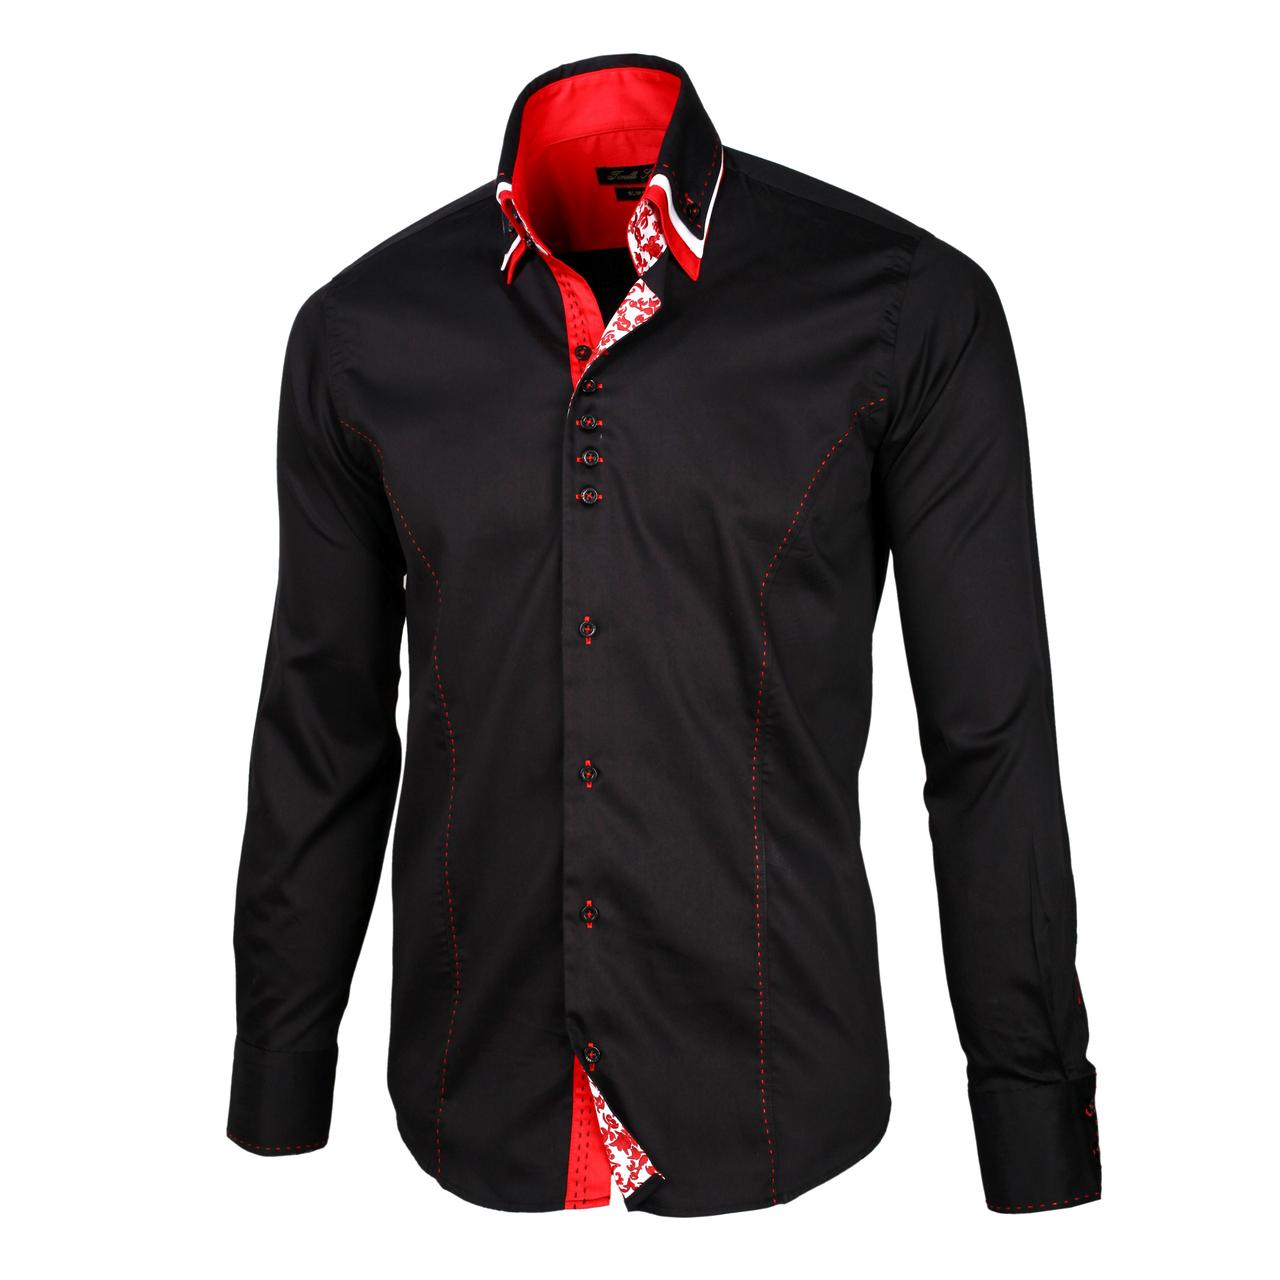 Пошив мужской сорочки в ателье Ставрополь, пошить рубашку